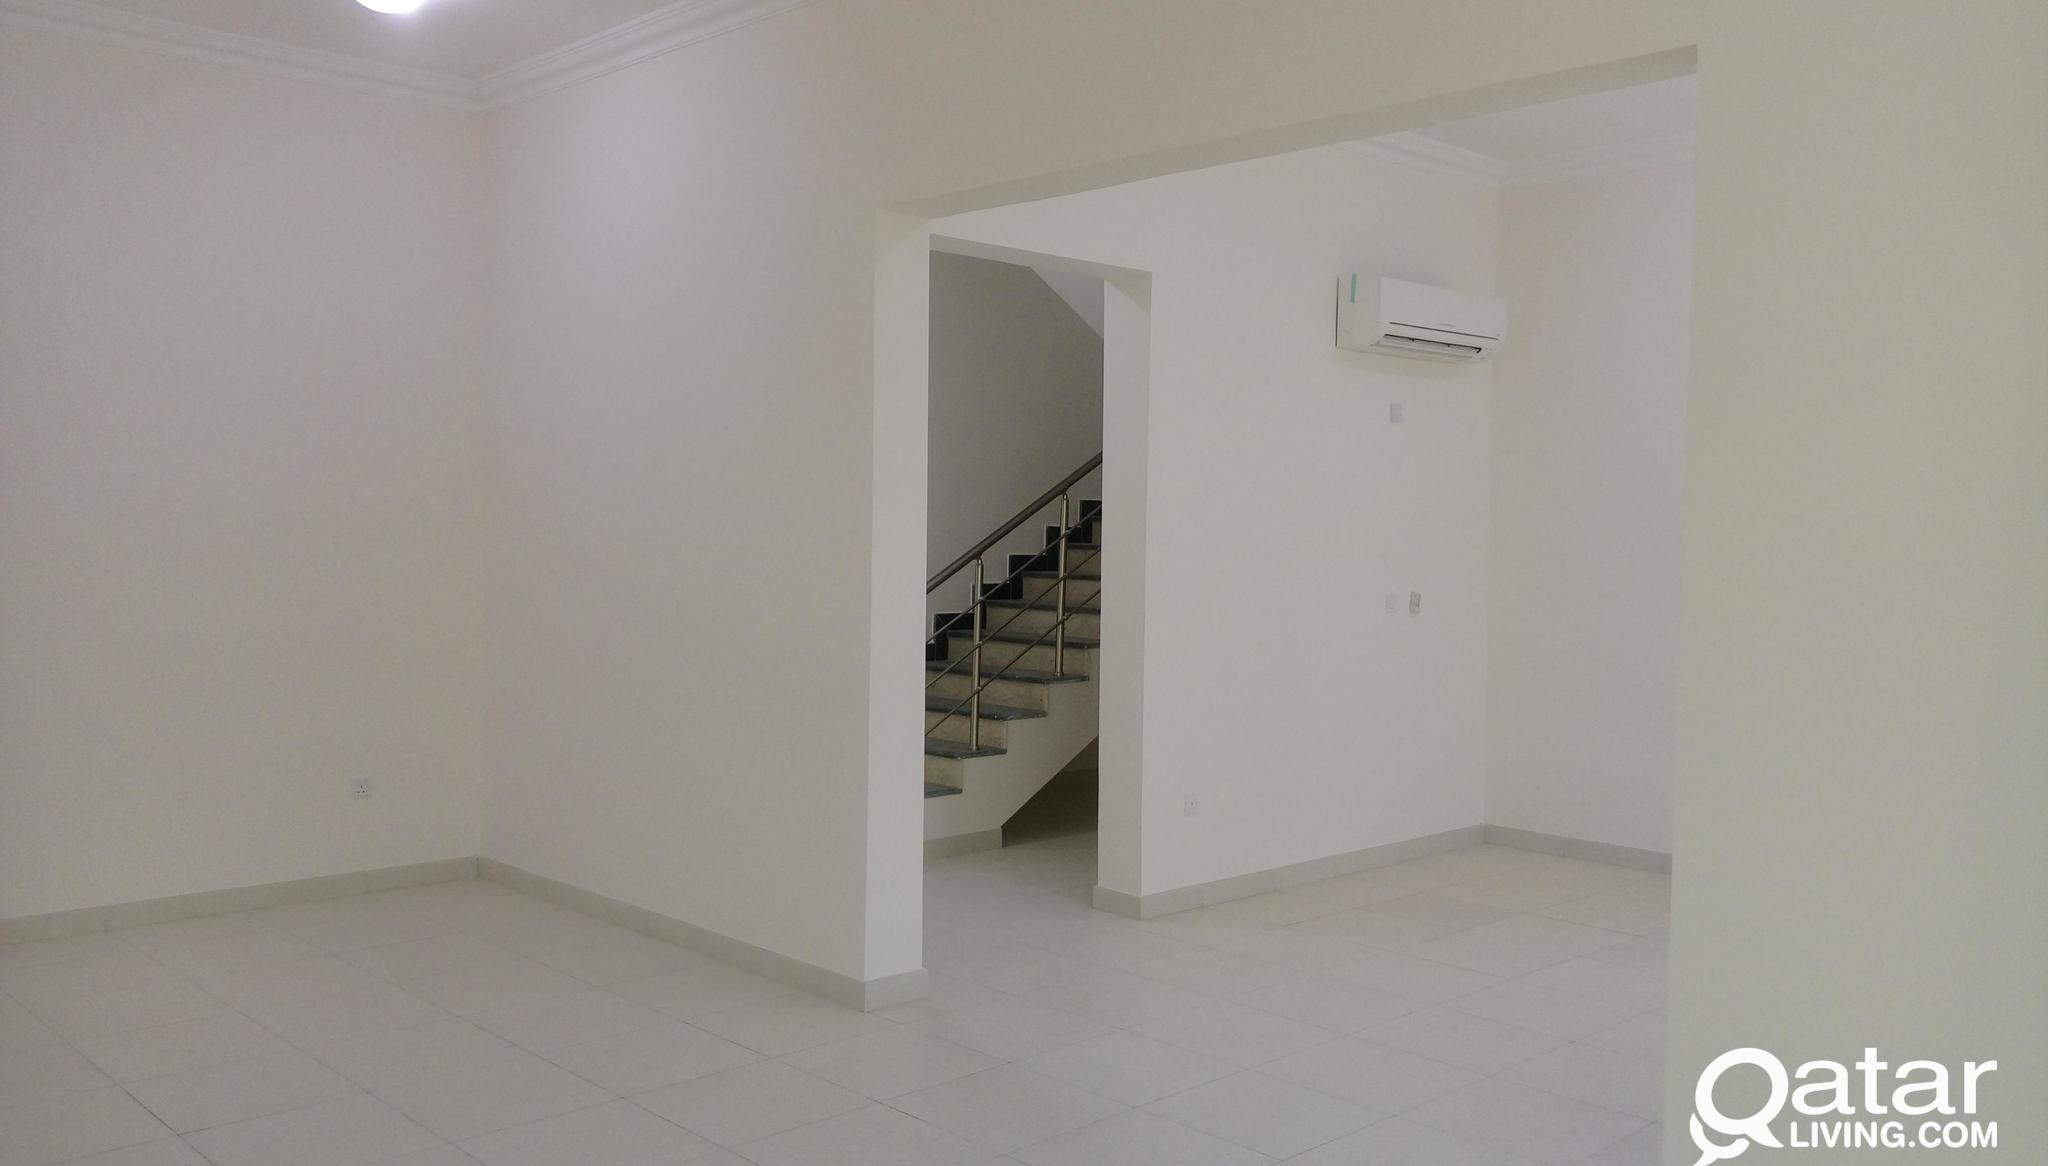 BIG 6 BED VILLA AL KHEESA NEAR IKEA (NO COMMISSION